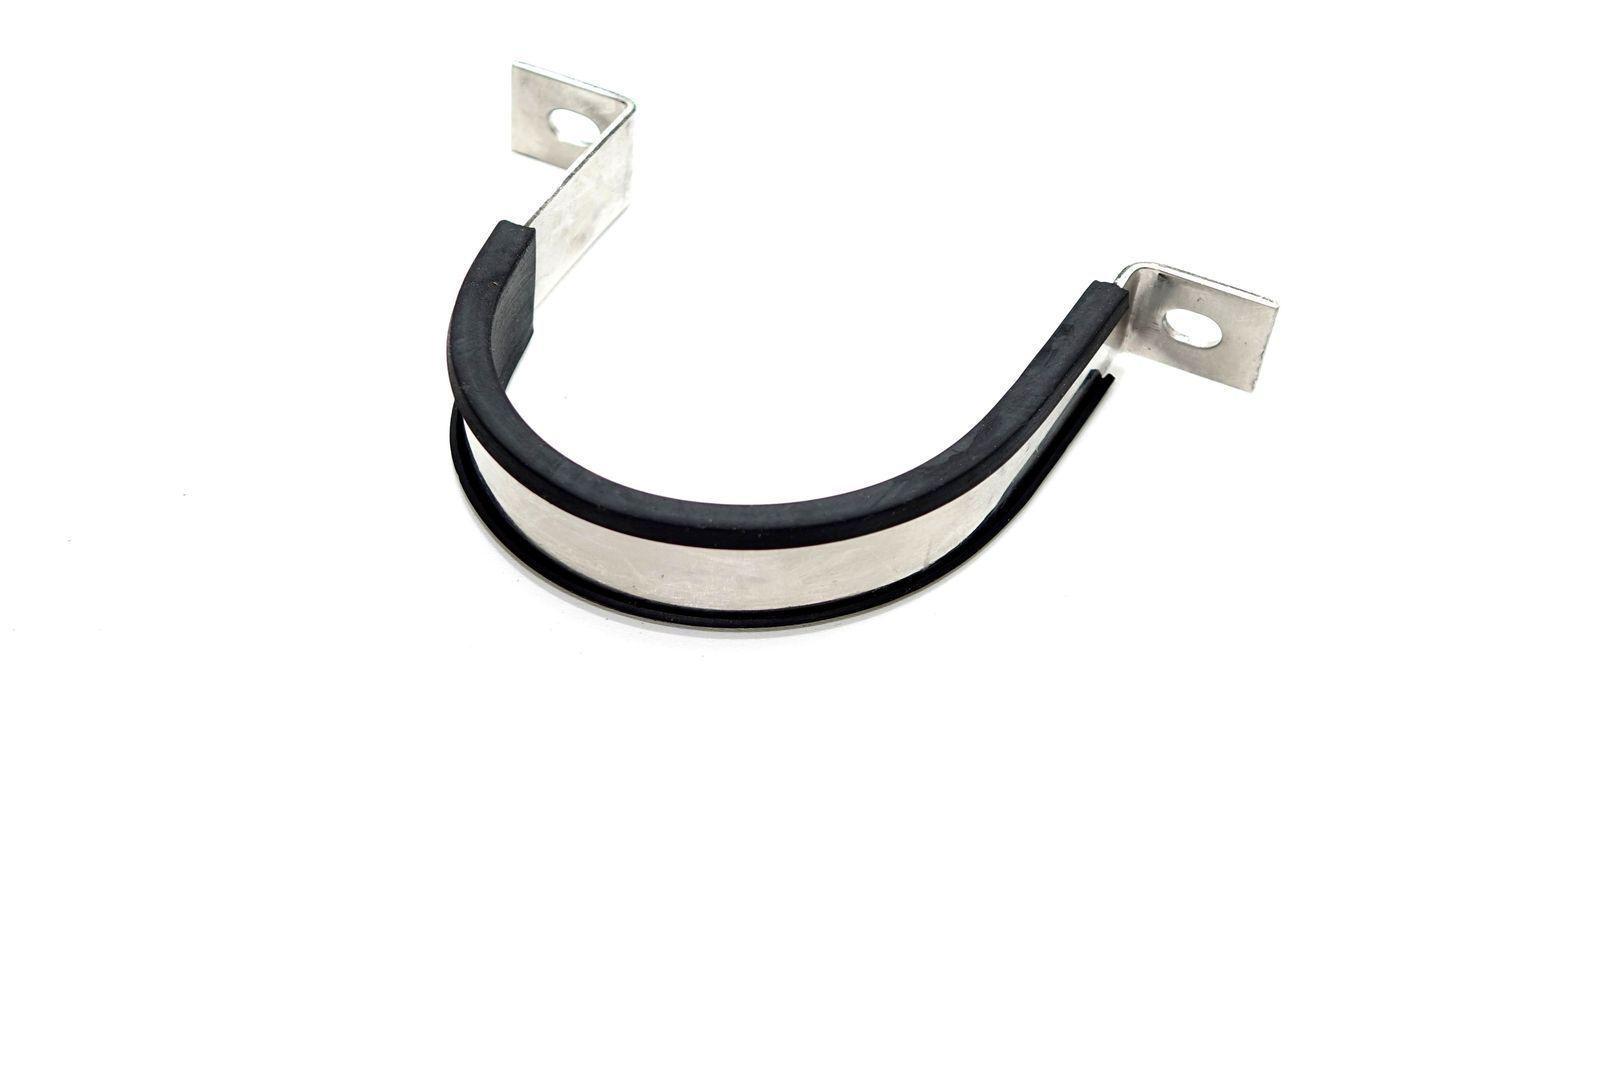 #Edelstahl-Befestigungsbügel und Gummi Wischermotor Mini, BHA4790SS